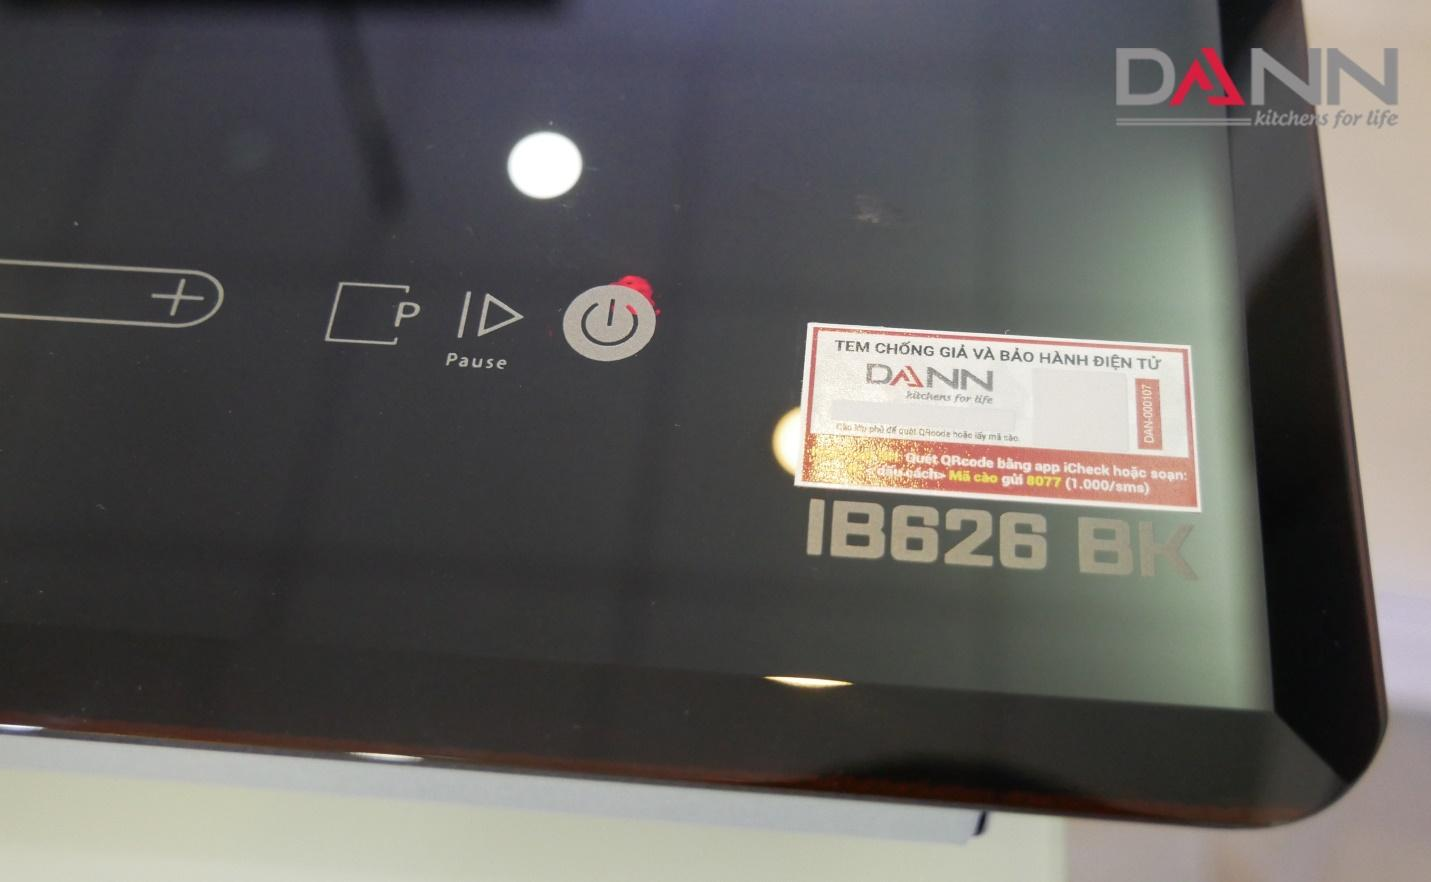 Bếp từ Dann IB 626BK nhập khẩu nguyên chiếc từ Malaysia có đáng mua? - ảnh 1